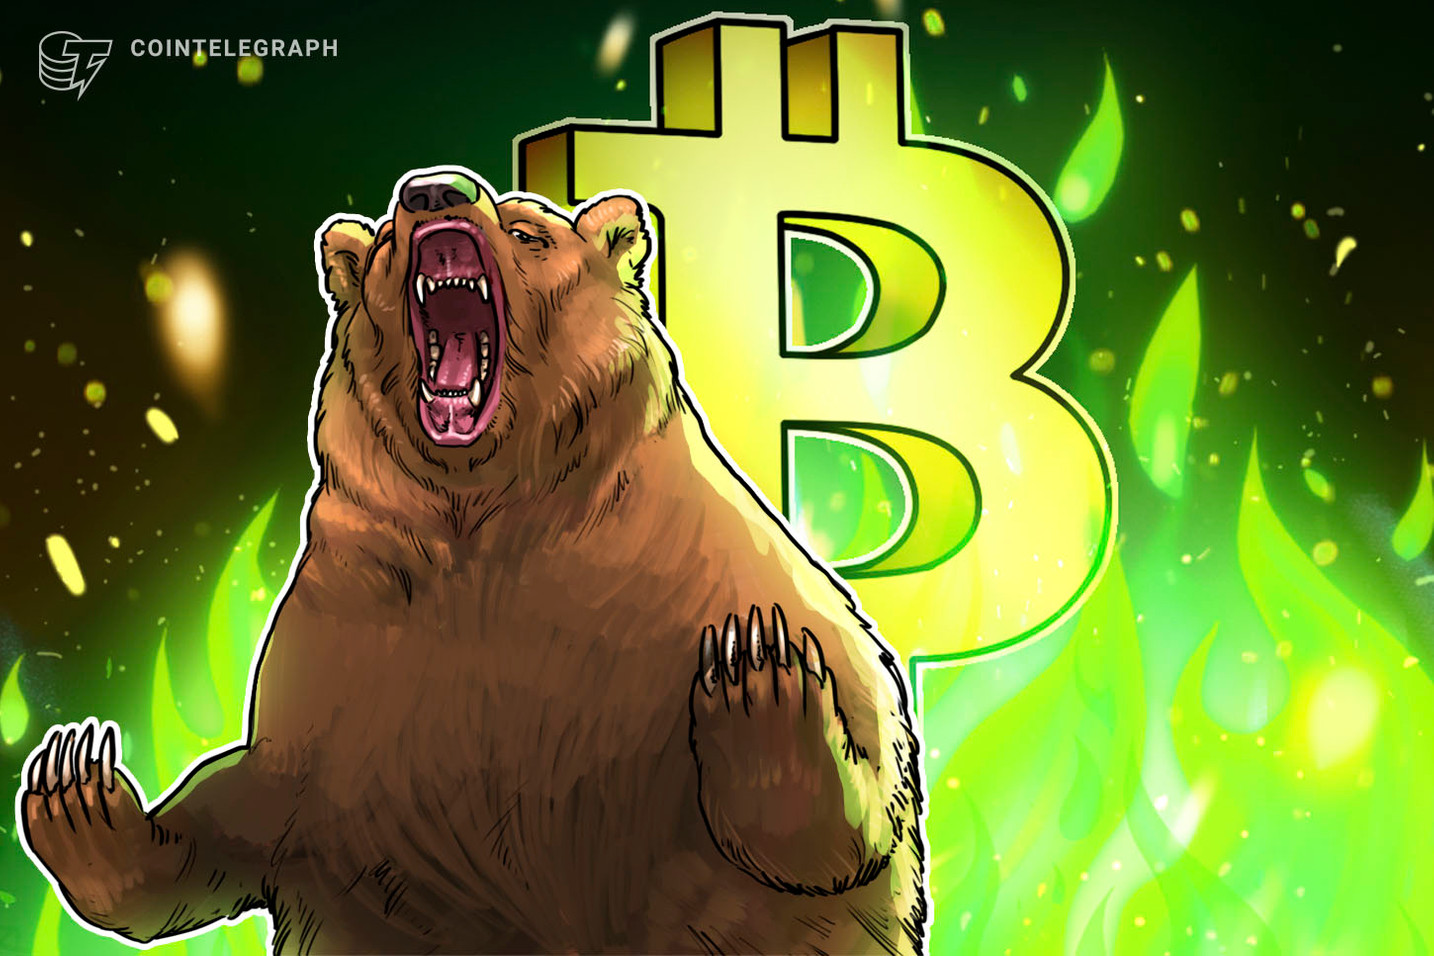 Pembakaran harga BTC menanggung $ 40K: 5 perkara yang perlu ditonton dalam Bitcoin minggu ini